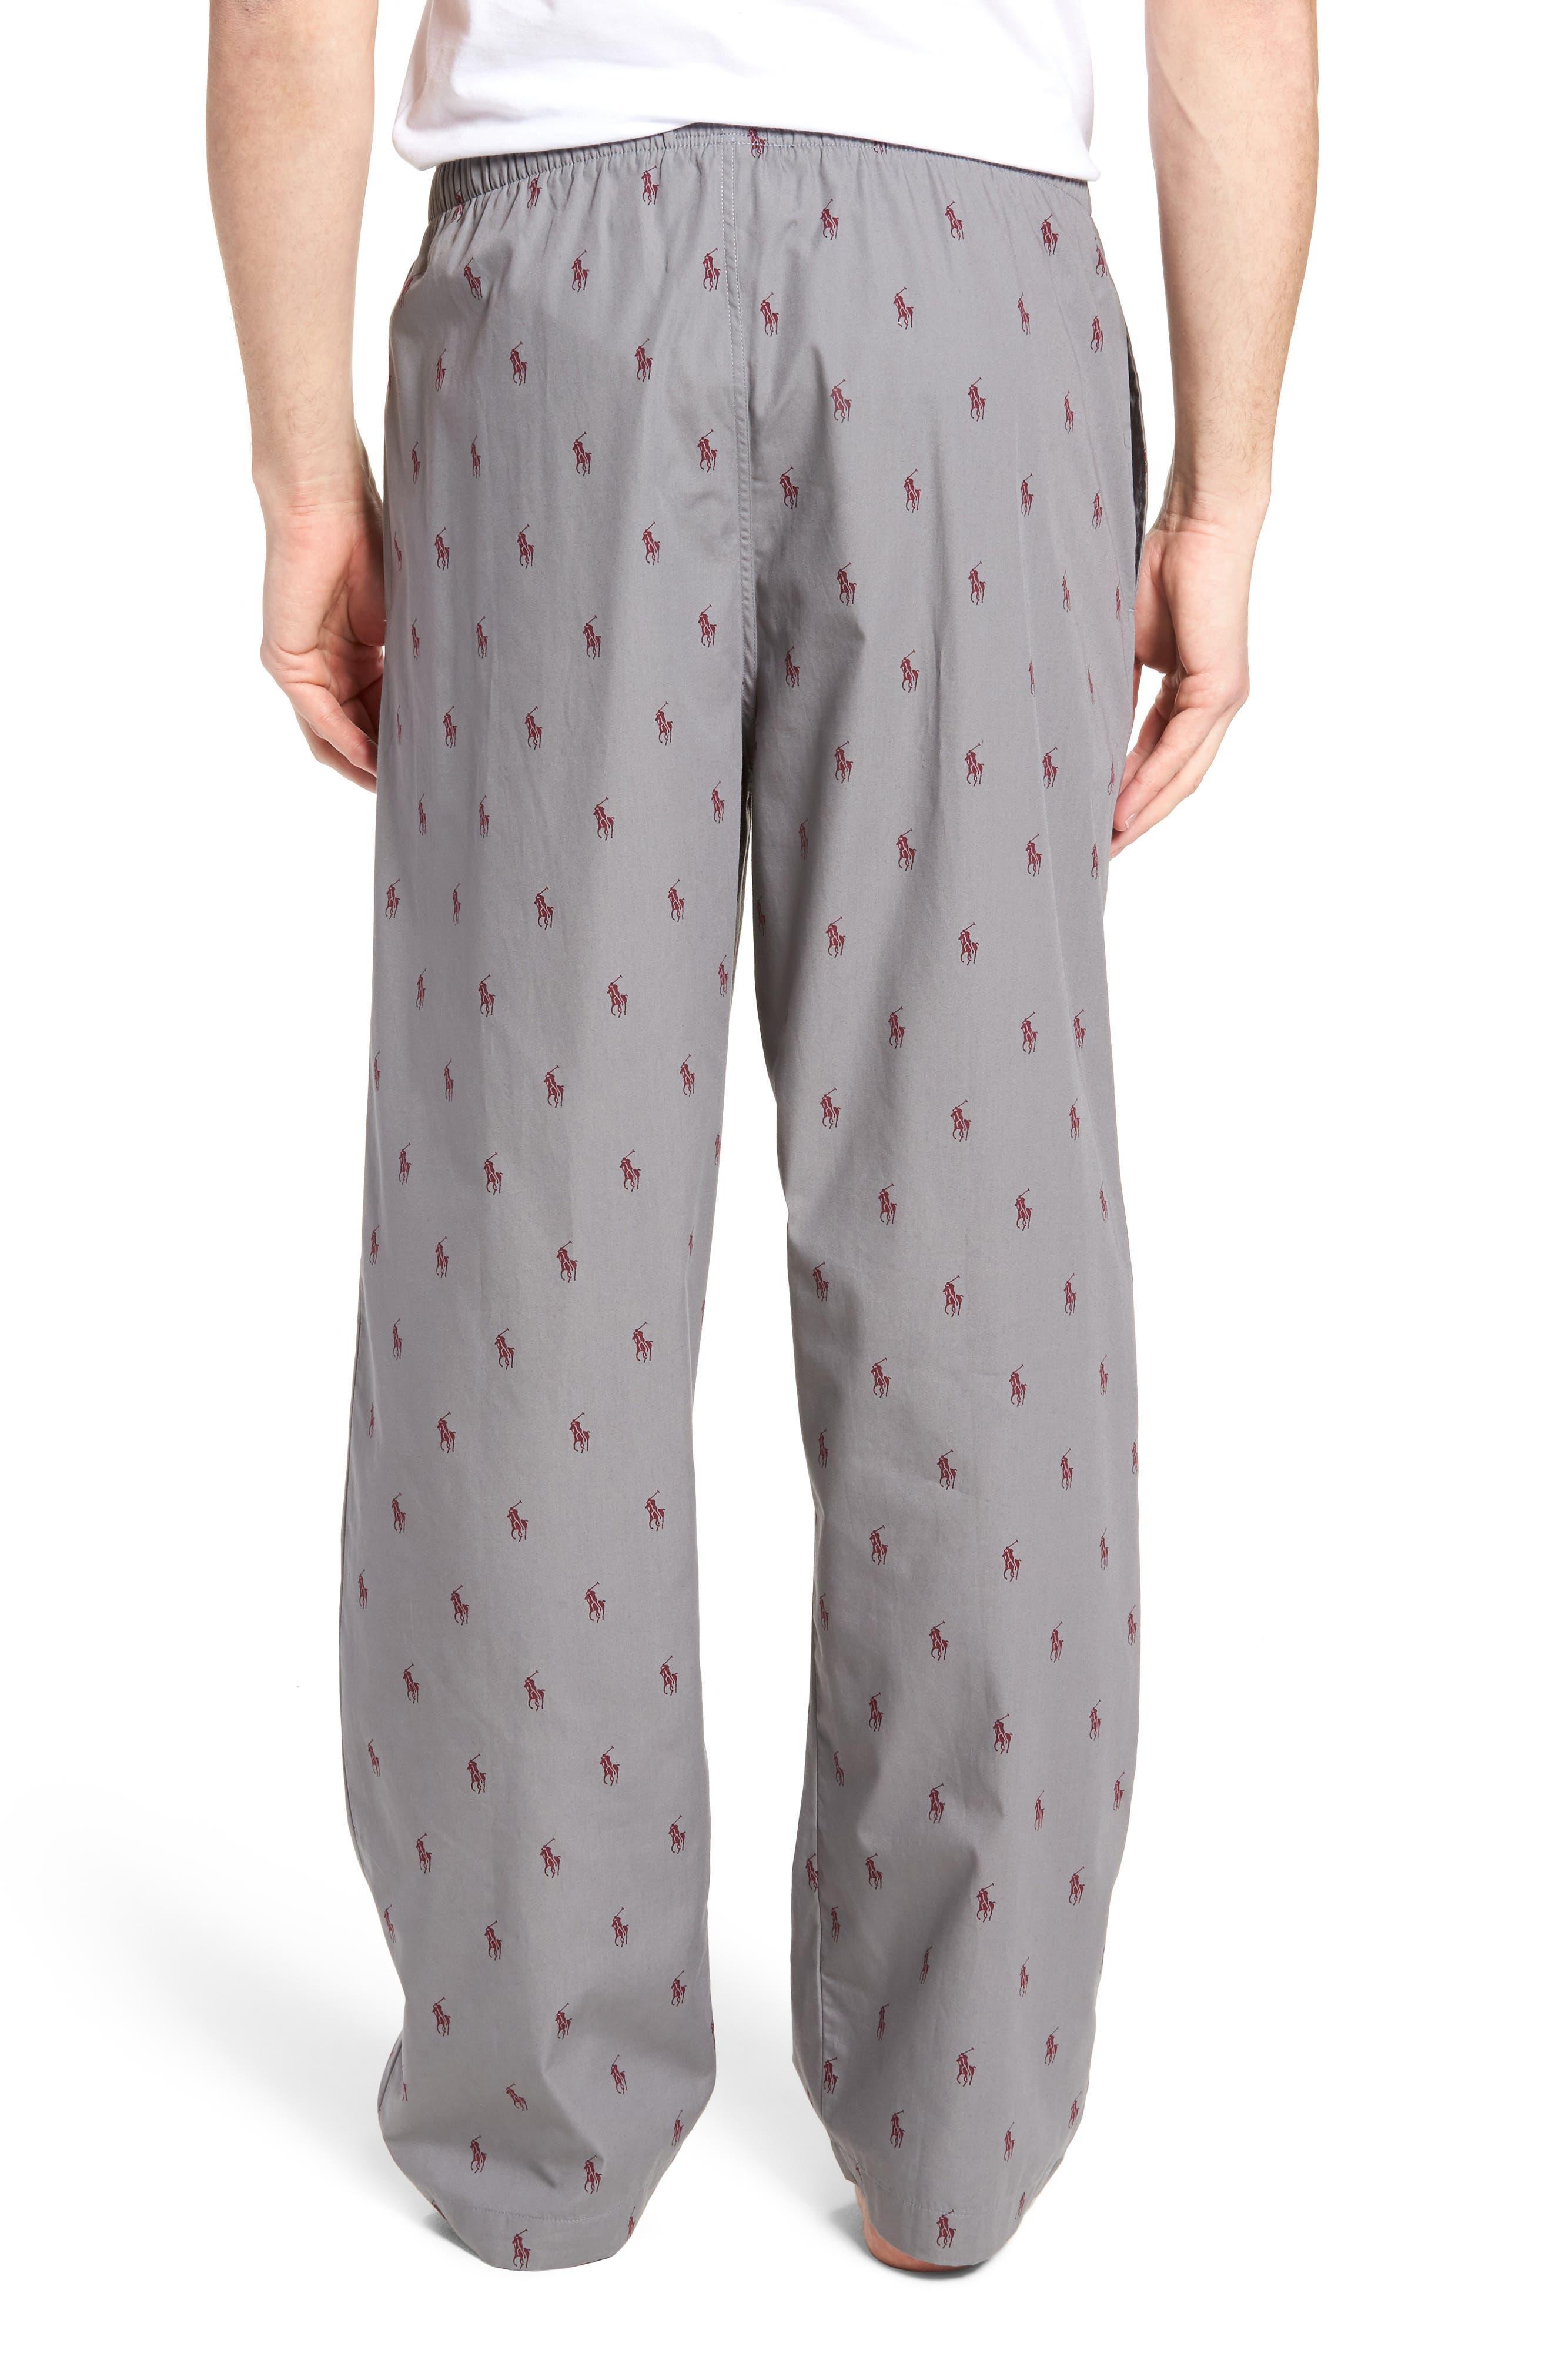 Polo Ralph Lauren Cotton Lounge Pants,                             Alternate thumbnail 6, color,